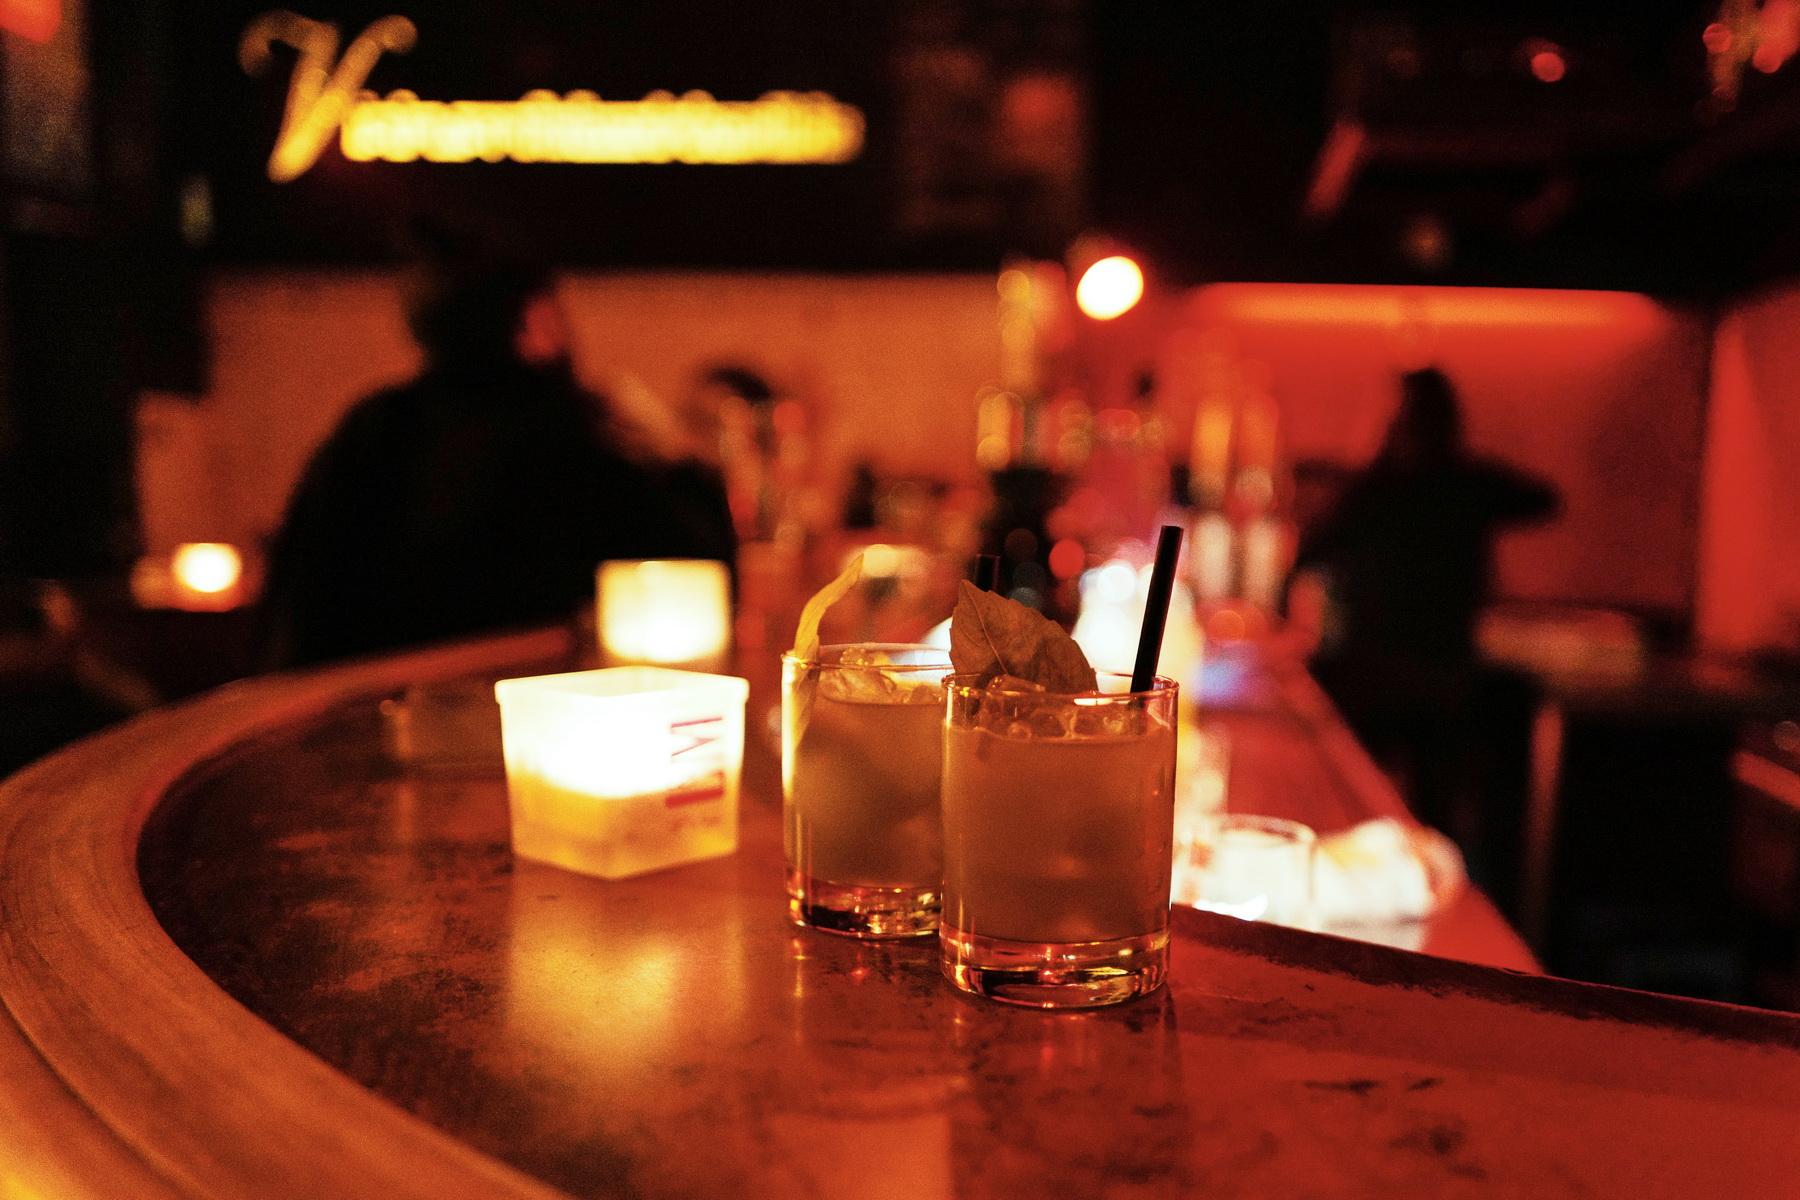 Geheimtipp Hamburg Essen & Trinken Bar Familieneck Ottensen Lisa Knauer 15